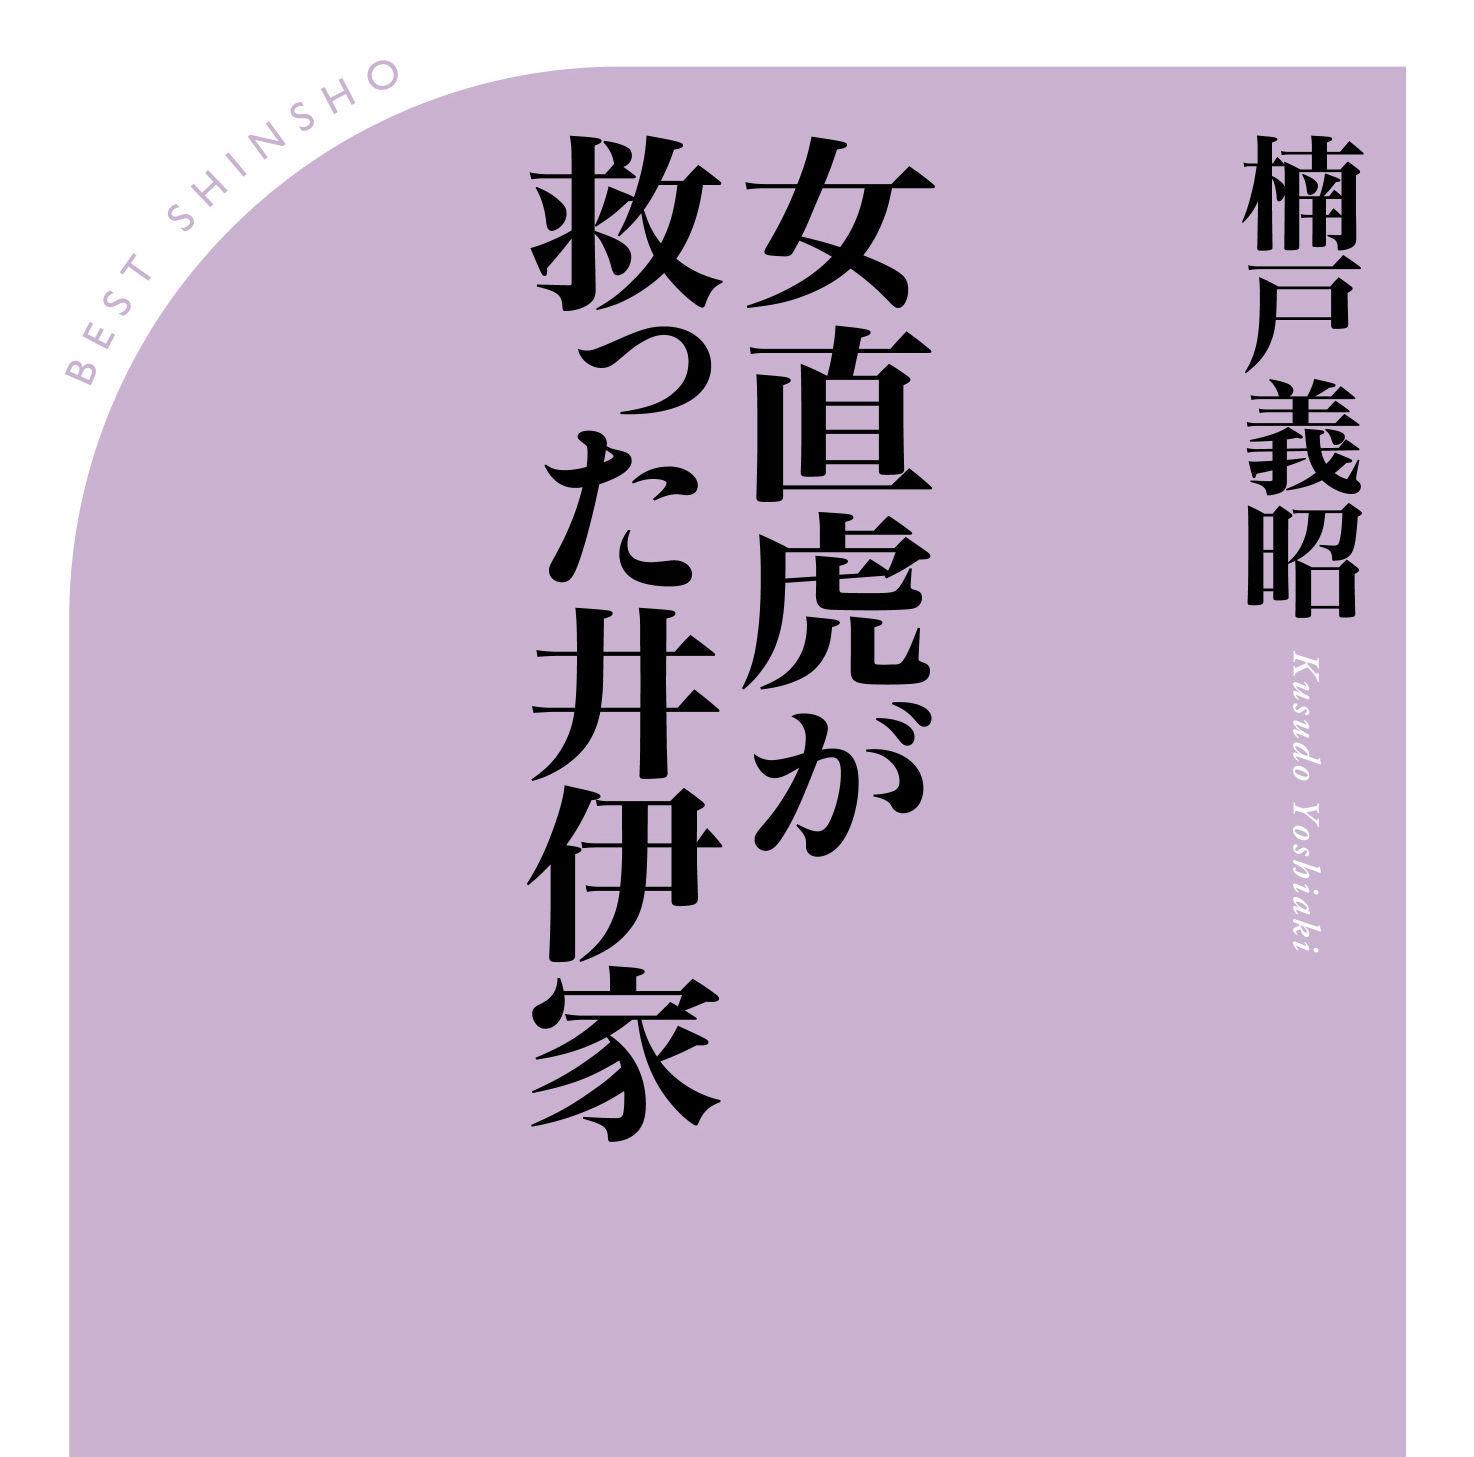 11歳で婚約、祖父の戦死……女城主・井伊直虎、波乱万丈な生涯の始まり